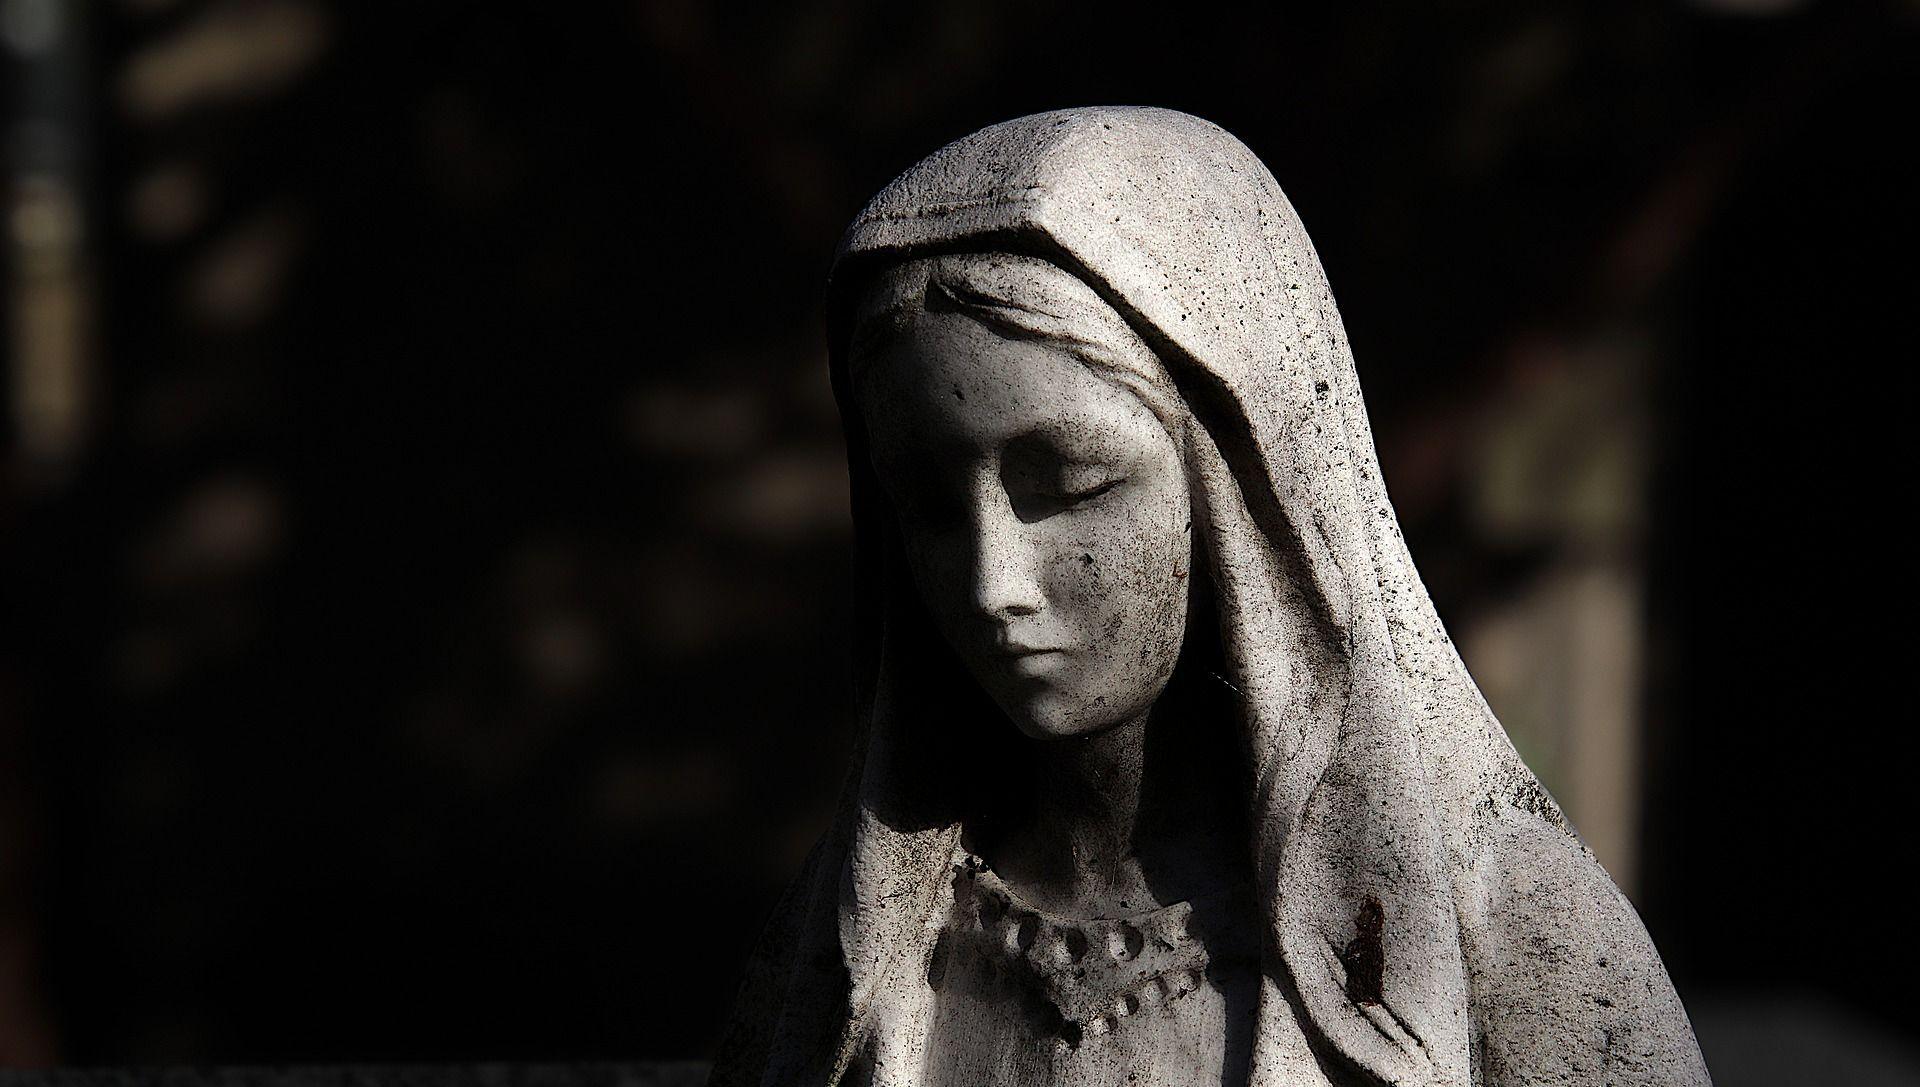 Une statue de la Vierge Marie - Sputnik France, 1920, 19.08.2021